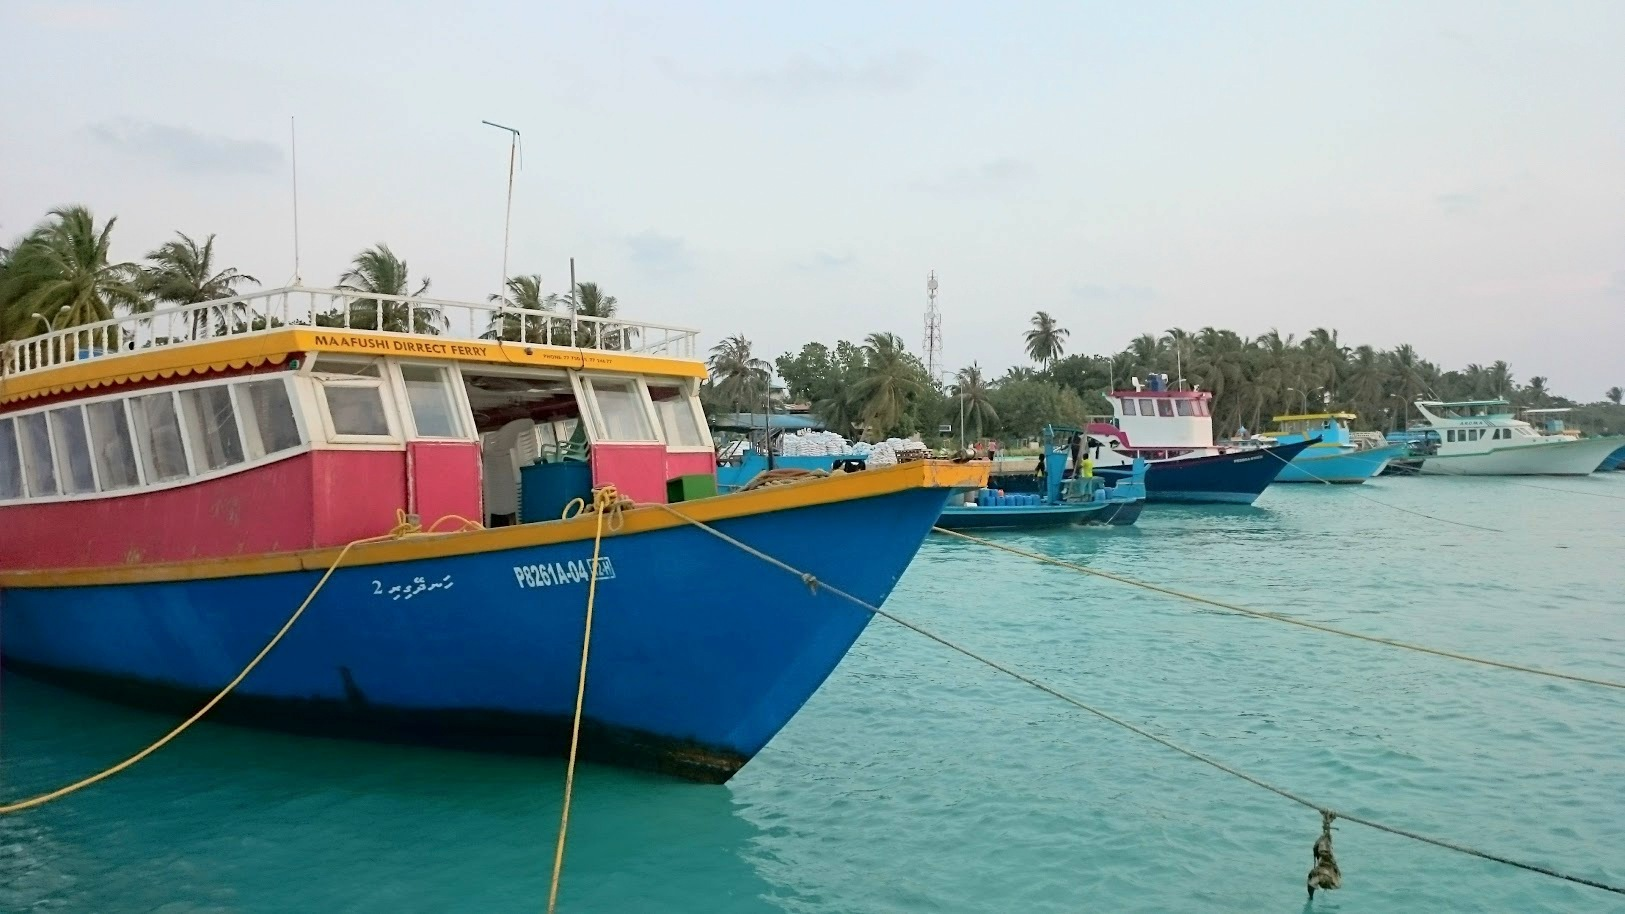 Maafushi julkinen lautta edullisesti malediiveille kokemuksia